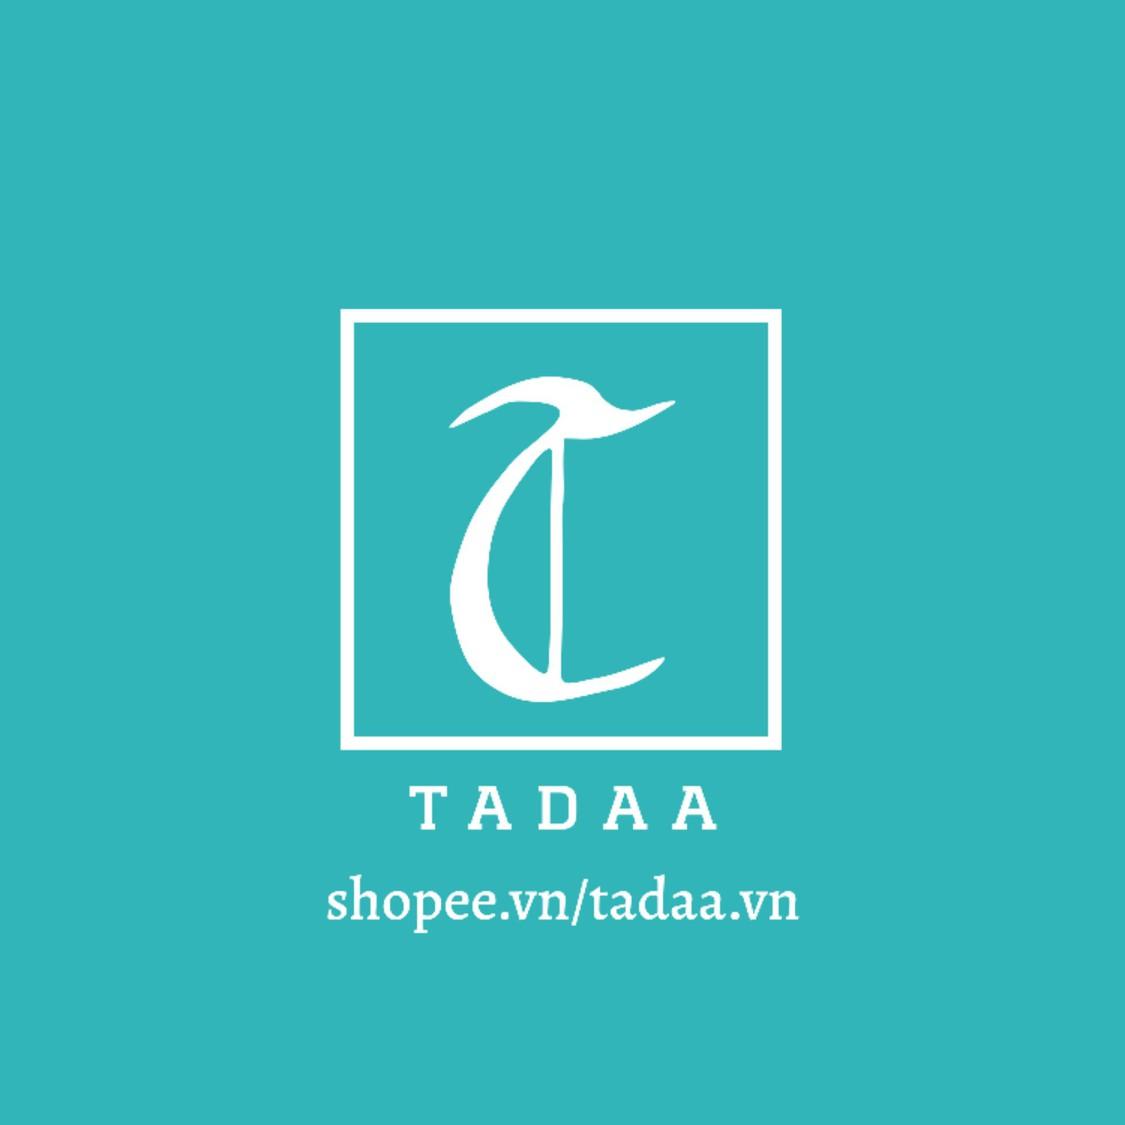 Tadaa.vn